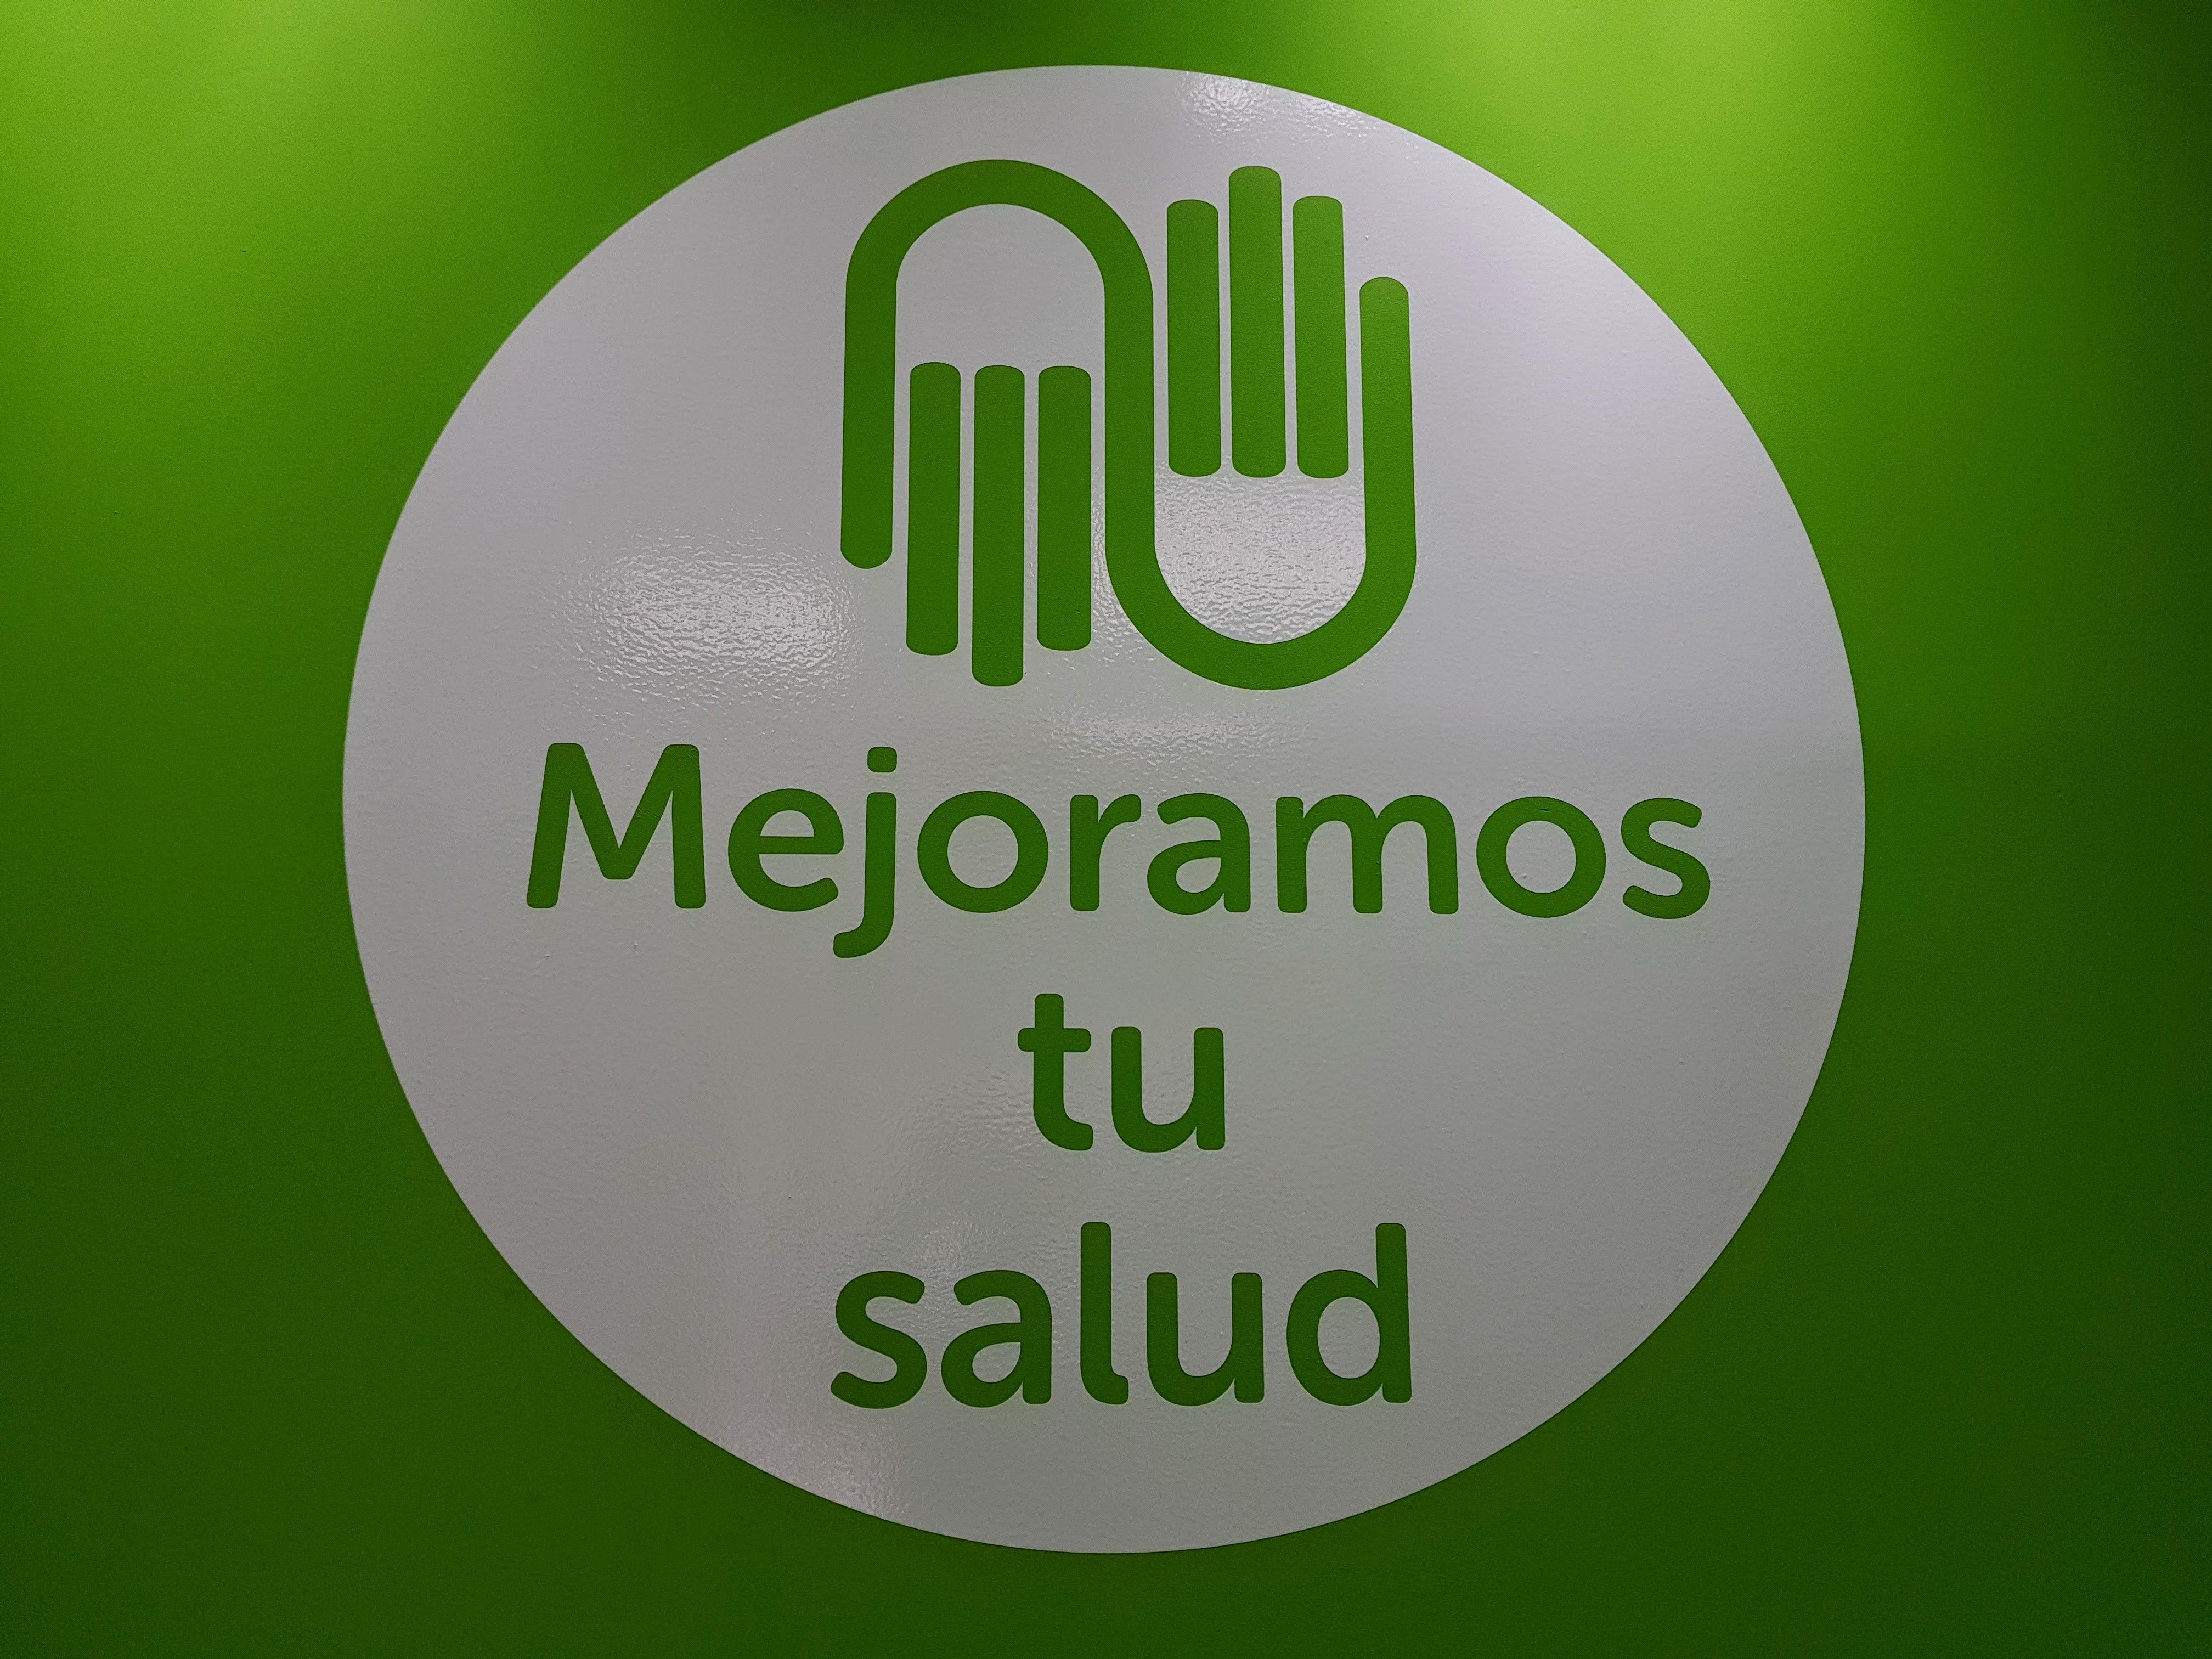 Centro especializado en fisioterapia y rehabilitación en Bilbao